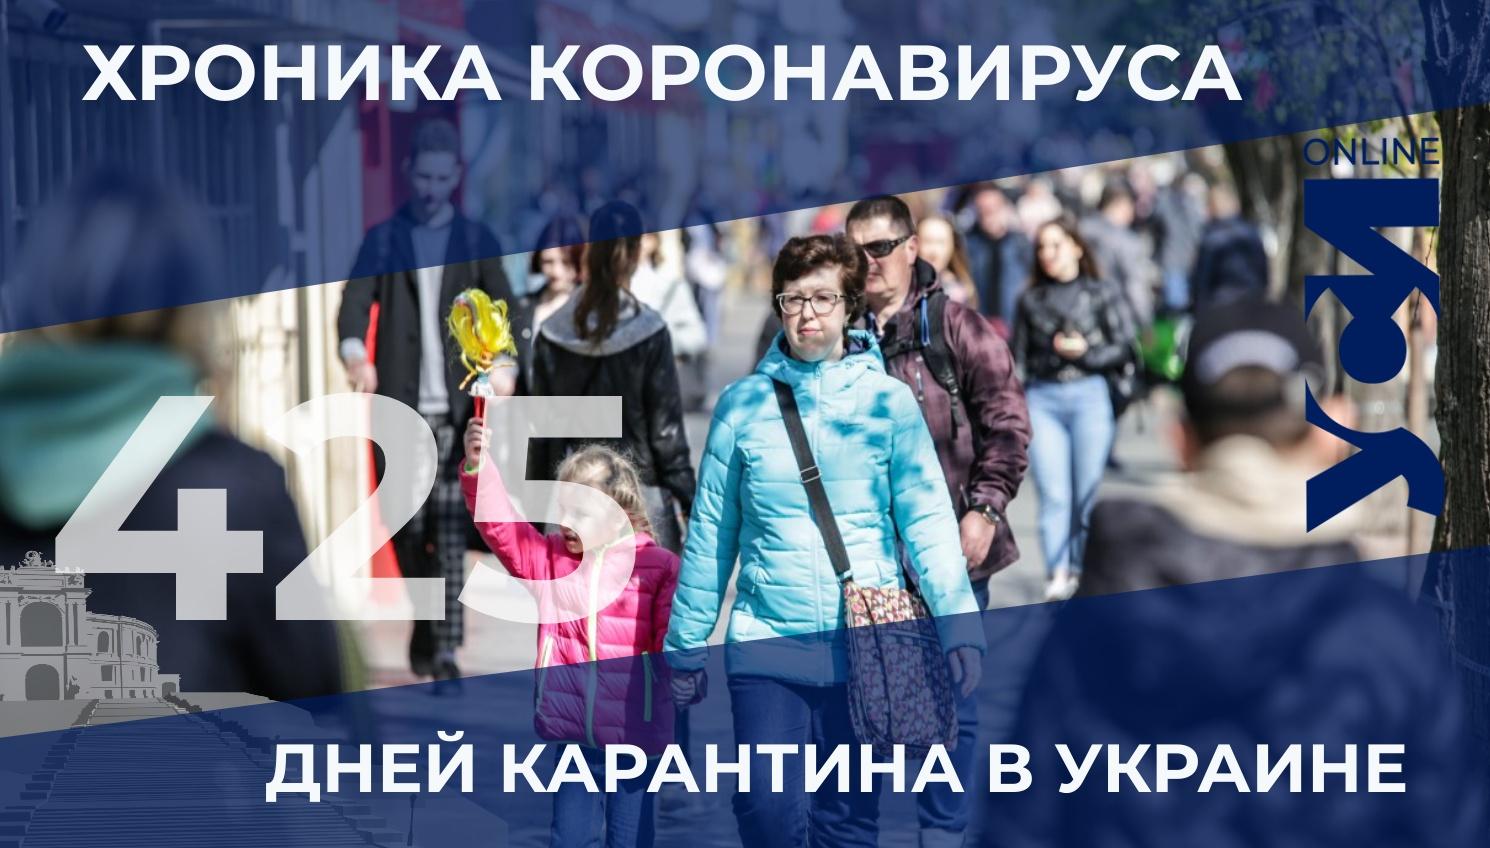 Хроника коронавируса: показатели заболеваемости в Одесской области заметно снизились «фото»